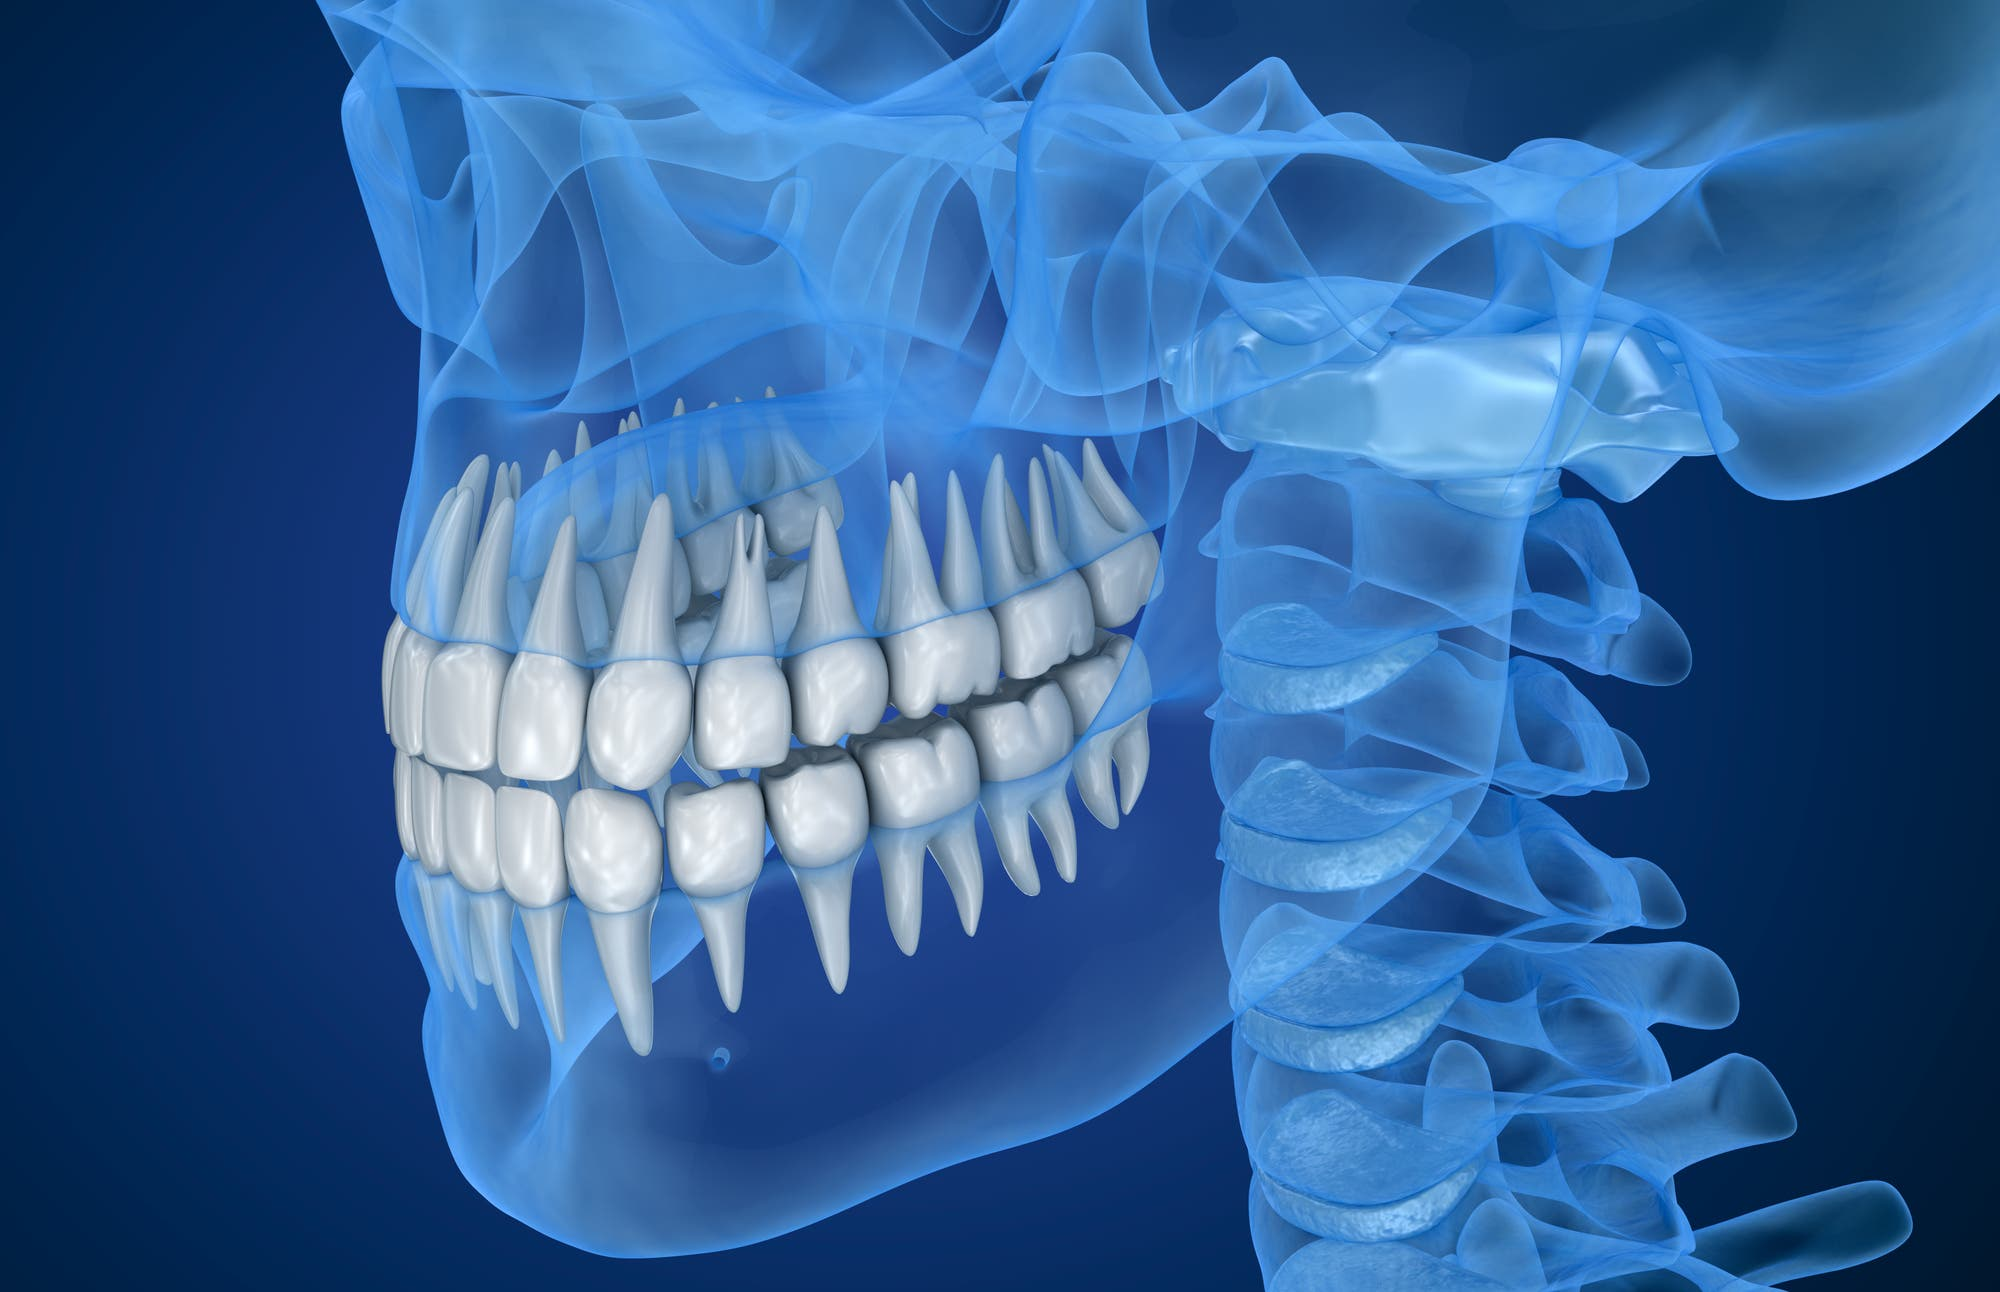 Ein transparenter Schädel mit hervorgehobenen Zähnen